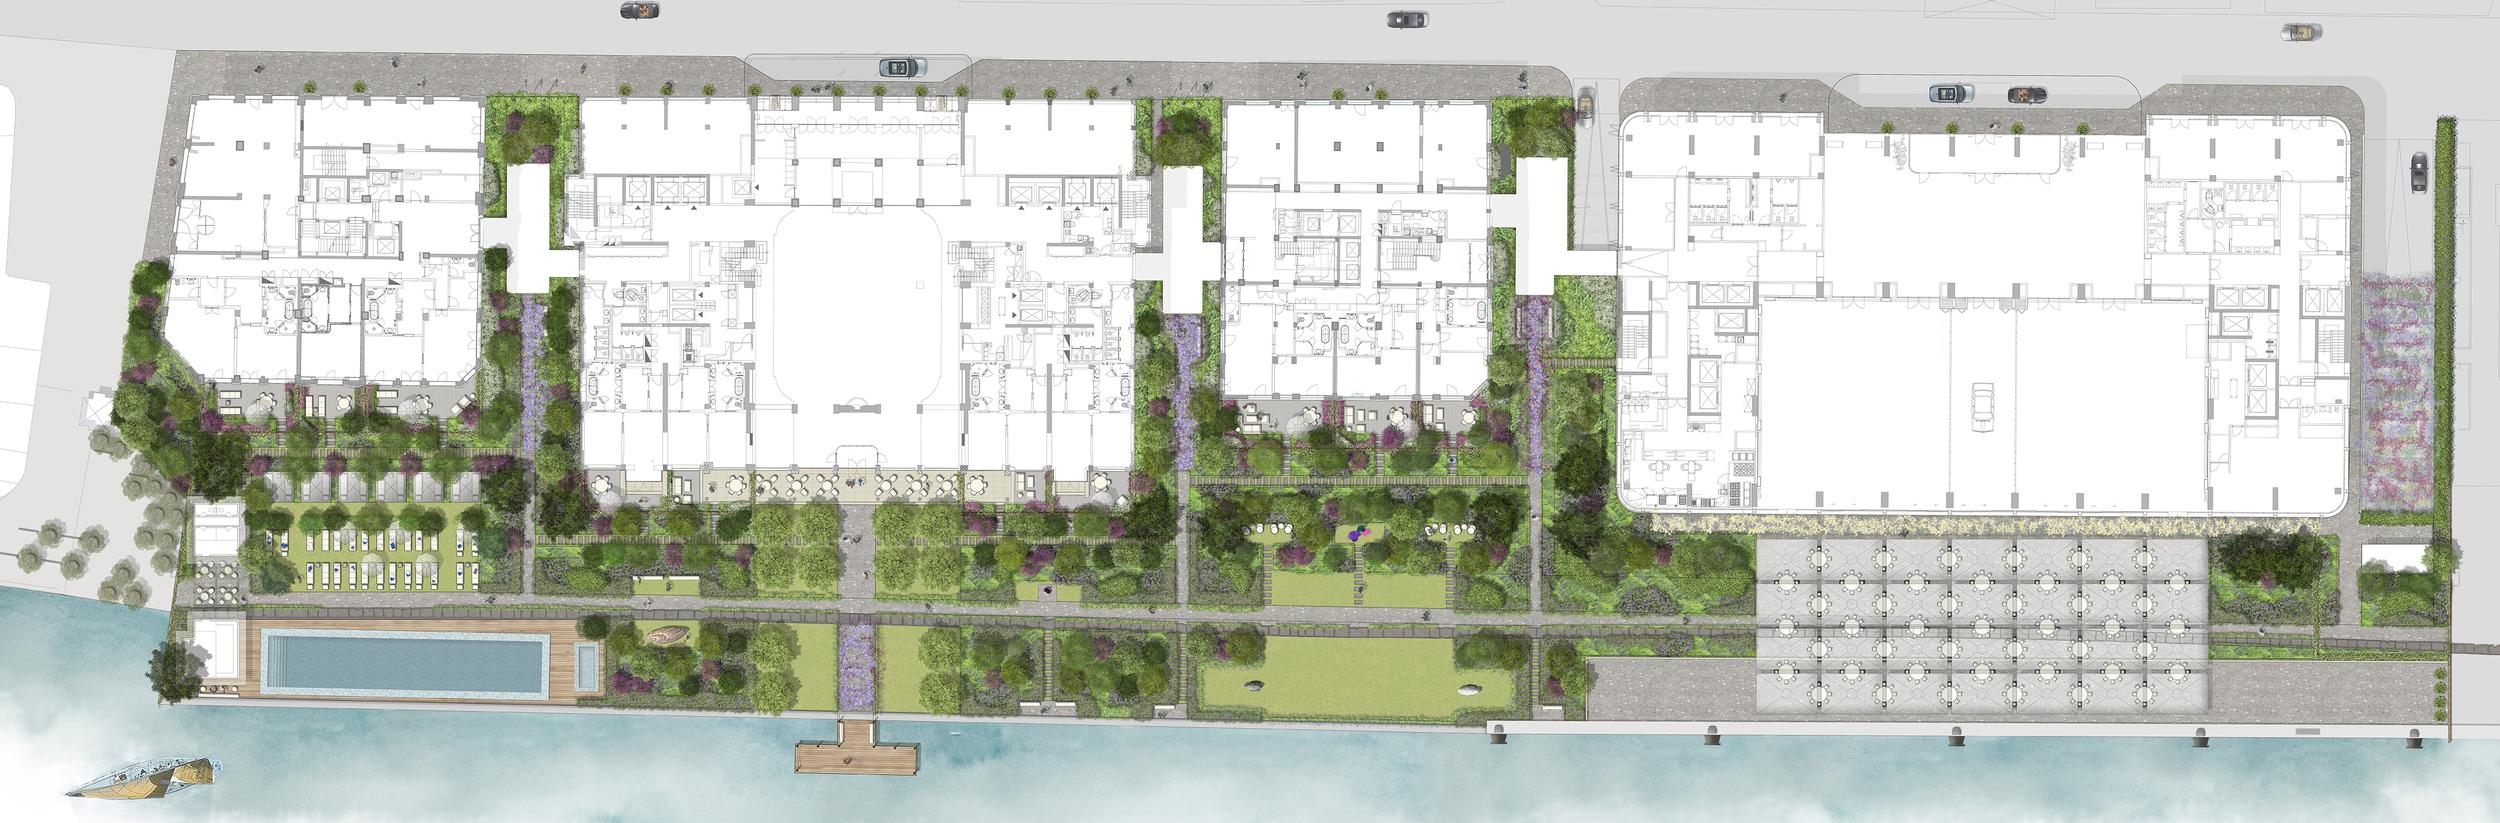 conceptual site plan (enea landscape architecture)